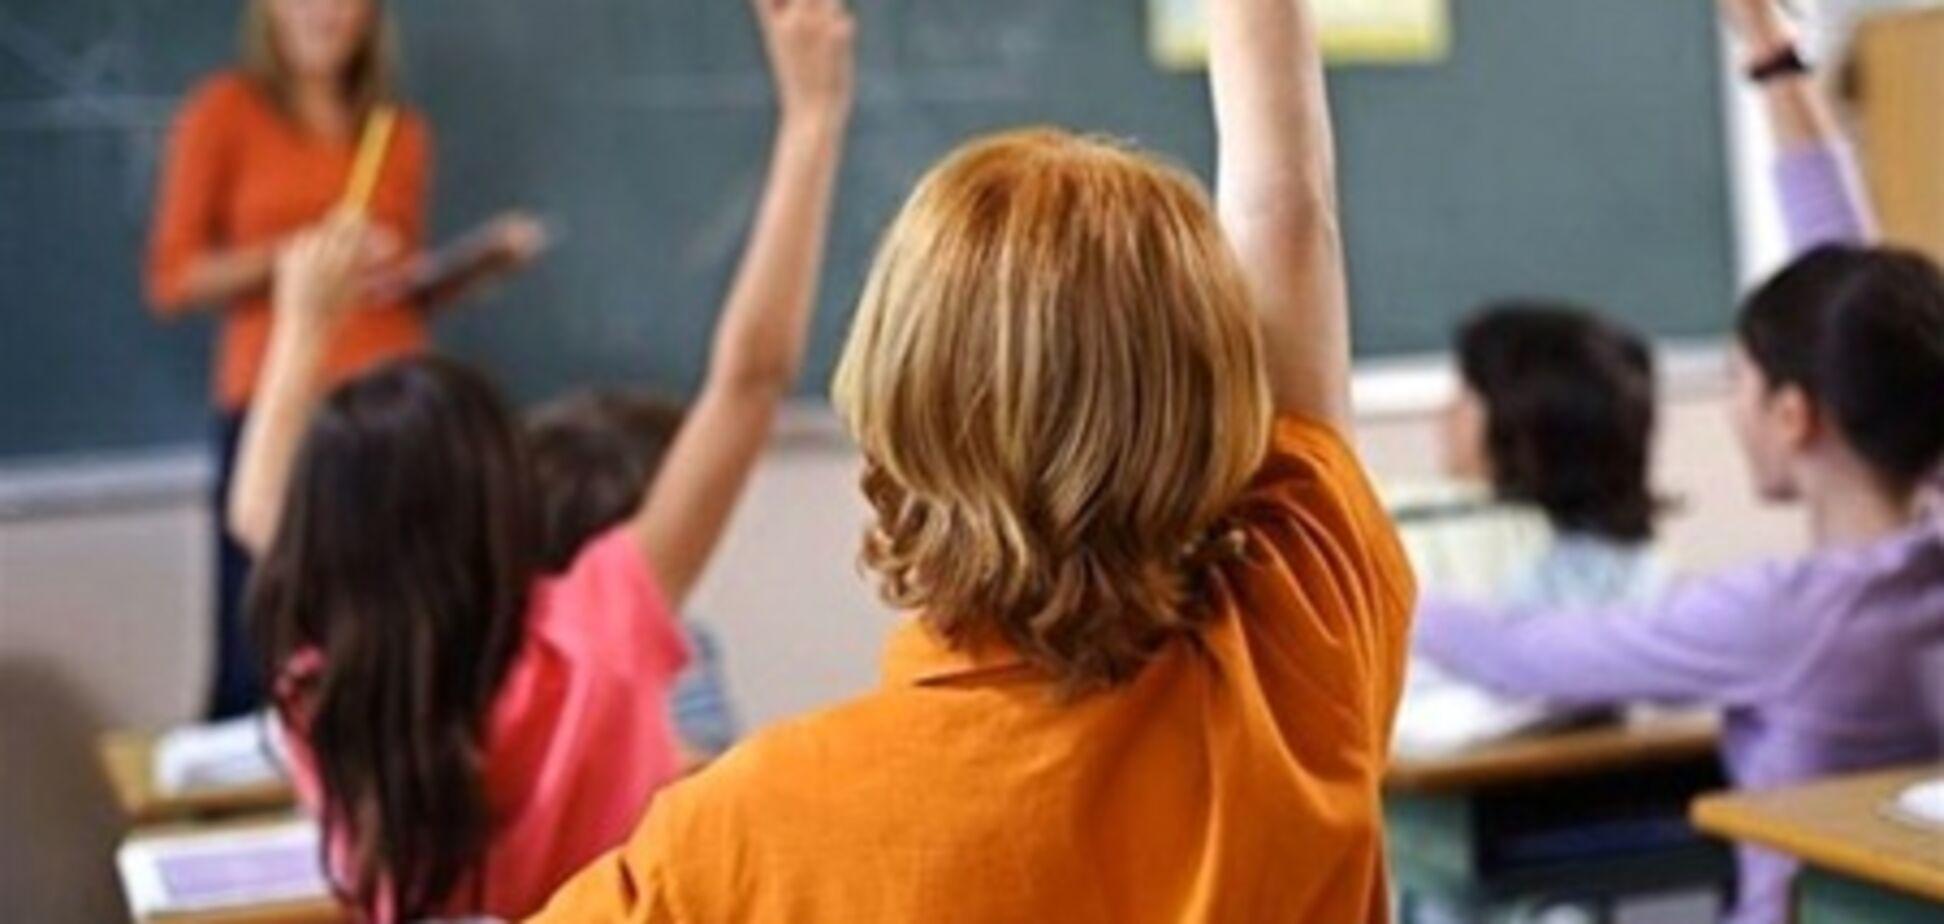 Школьник  во время ссоры проломил череп своему однокласснику